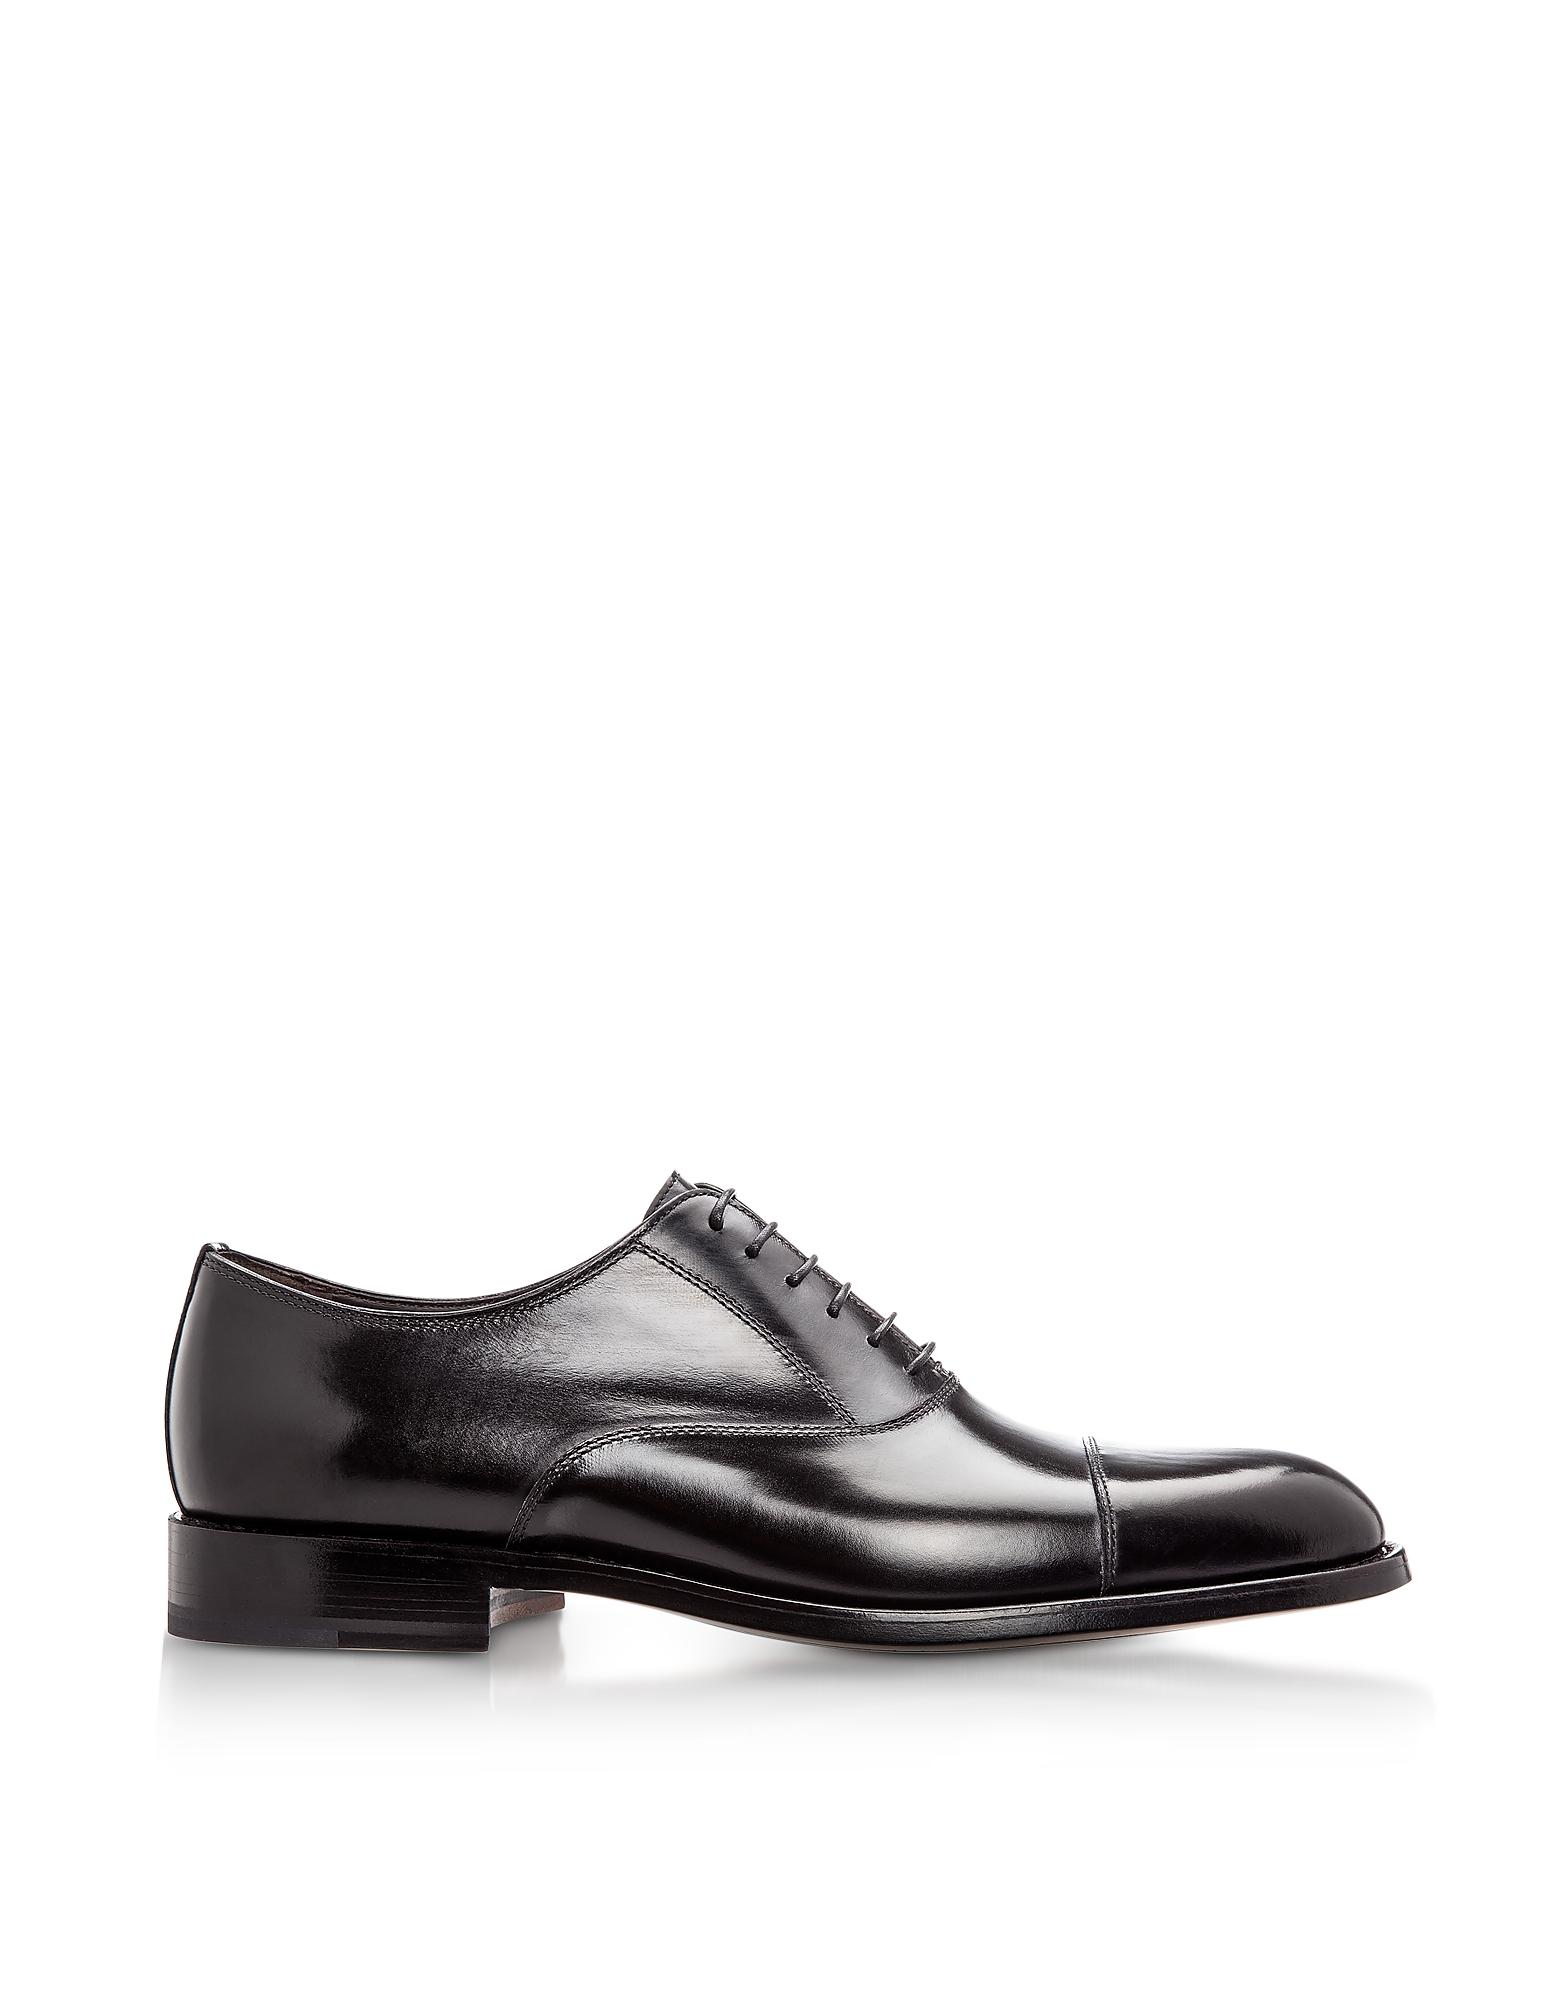 Moreschi Designer Shoes, New York Black M Calfskin Oxford Shoes